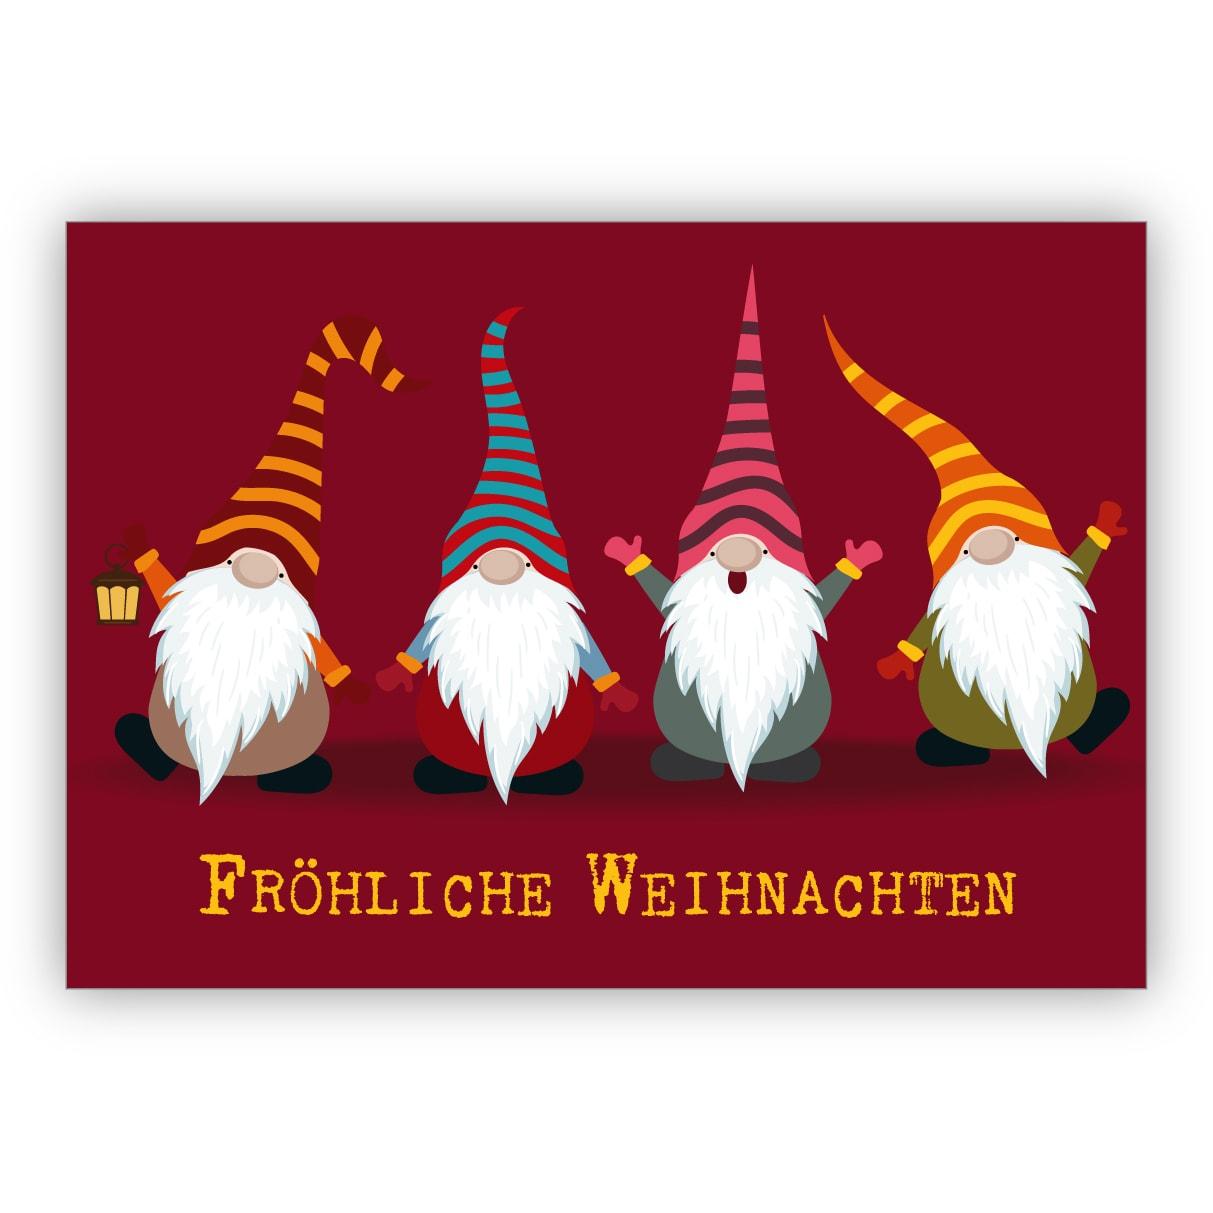 Lustige Weihnachtskarte Mit Süßen, Bunten Wichteln: Fröhliche Weihnachten bei Weihnachten Bilder Lustig